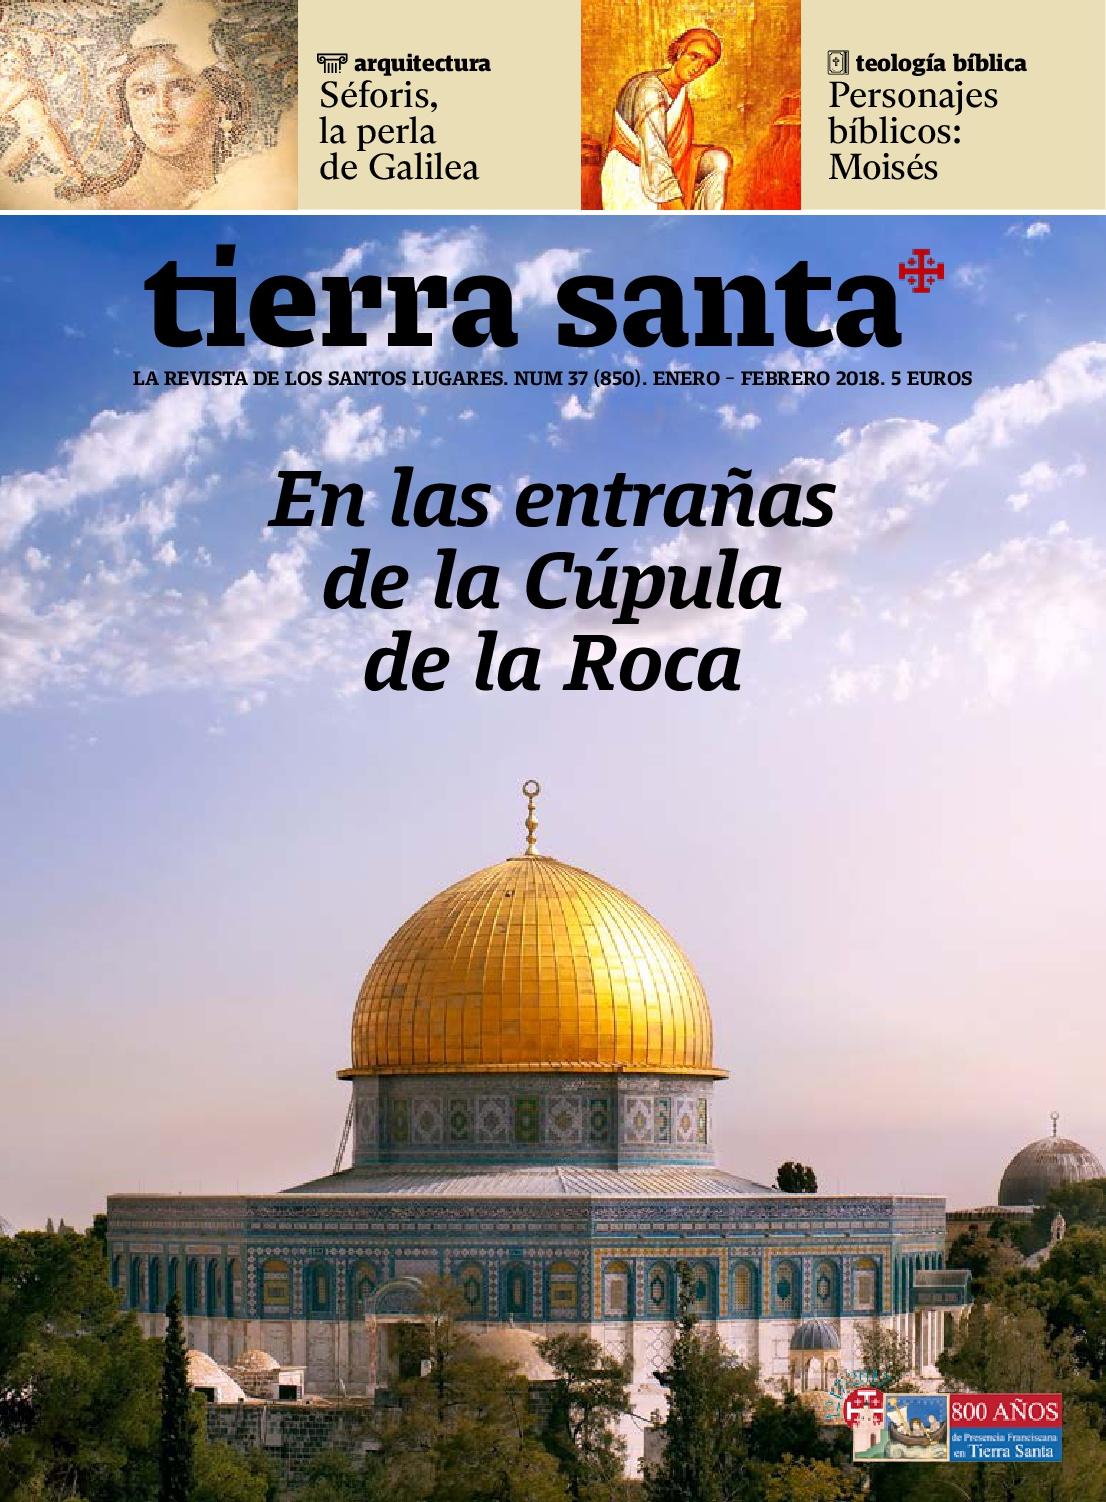 Provincia Franciscana de la Inmaculada Concepción. : La Revista Tierra Santa  gratis para los peregrinos